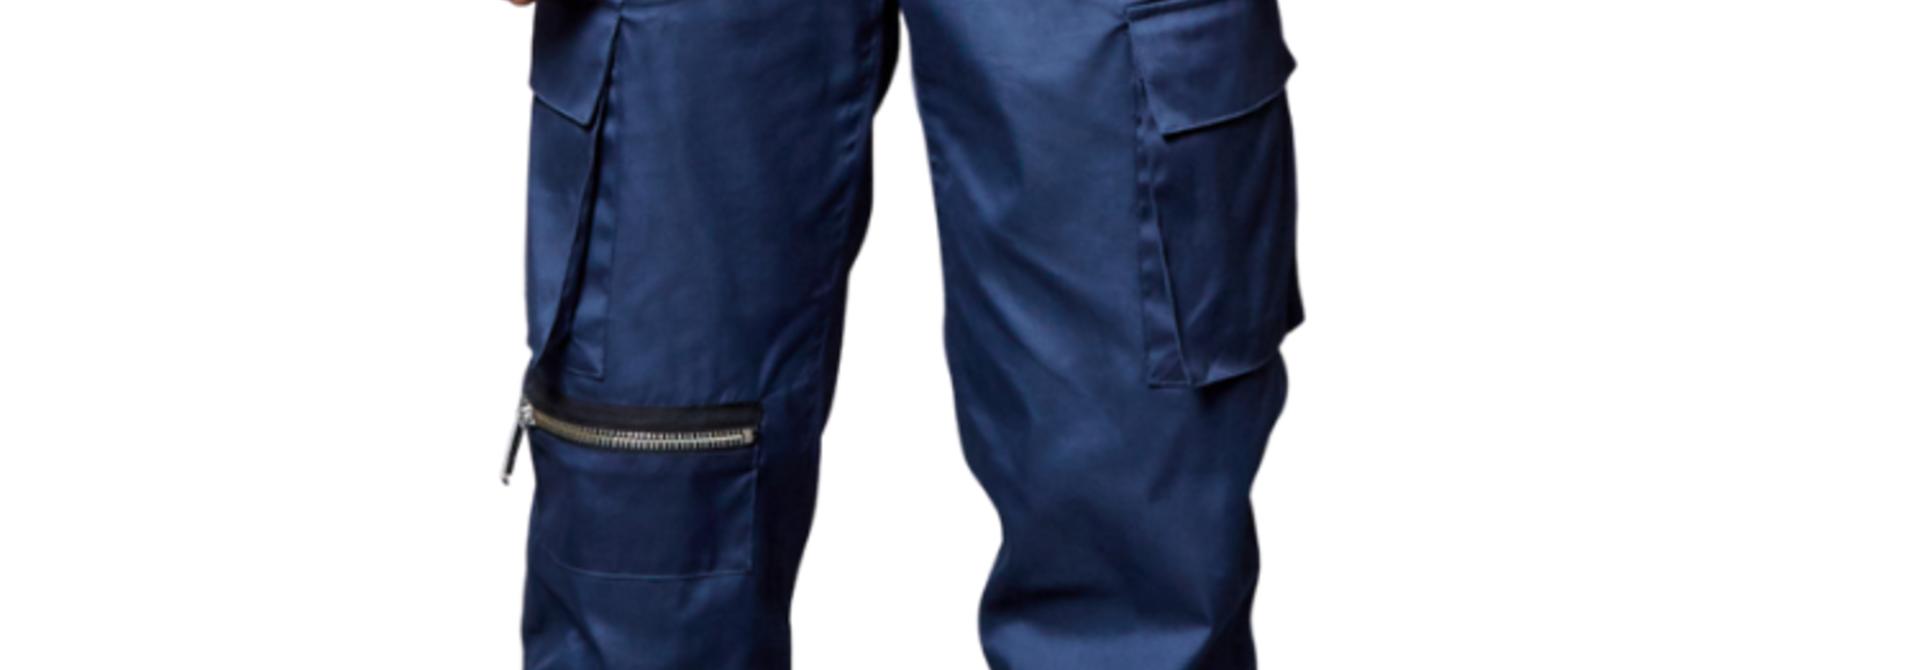 PSNYC CARGO PANT BLUE